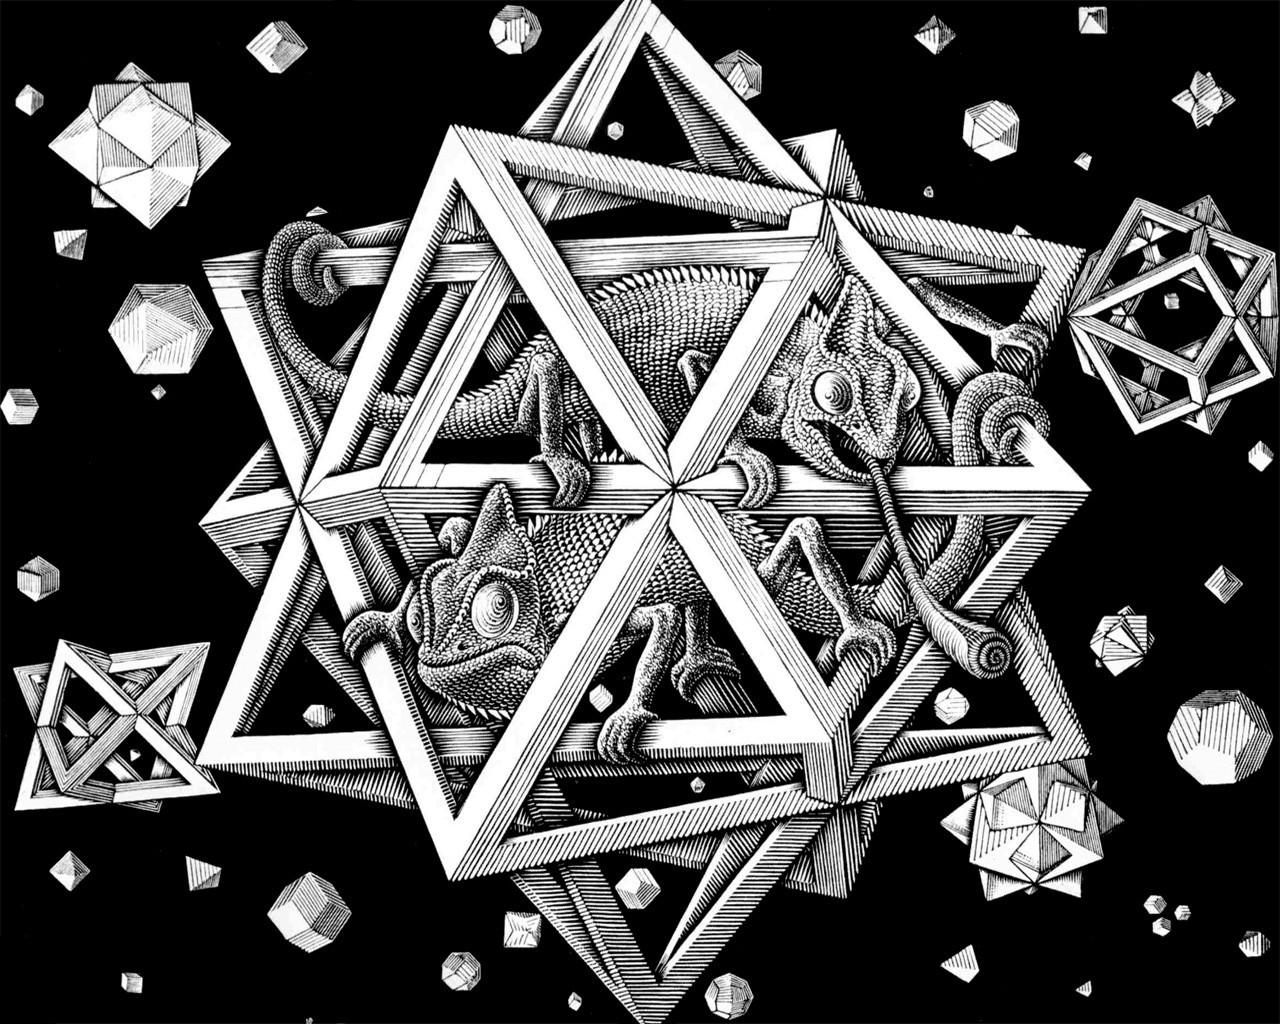 Disegni Geometrici Bianco E Nero sfondi : disegno, illustrazione, arte digitale, animali